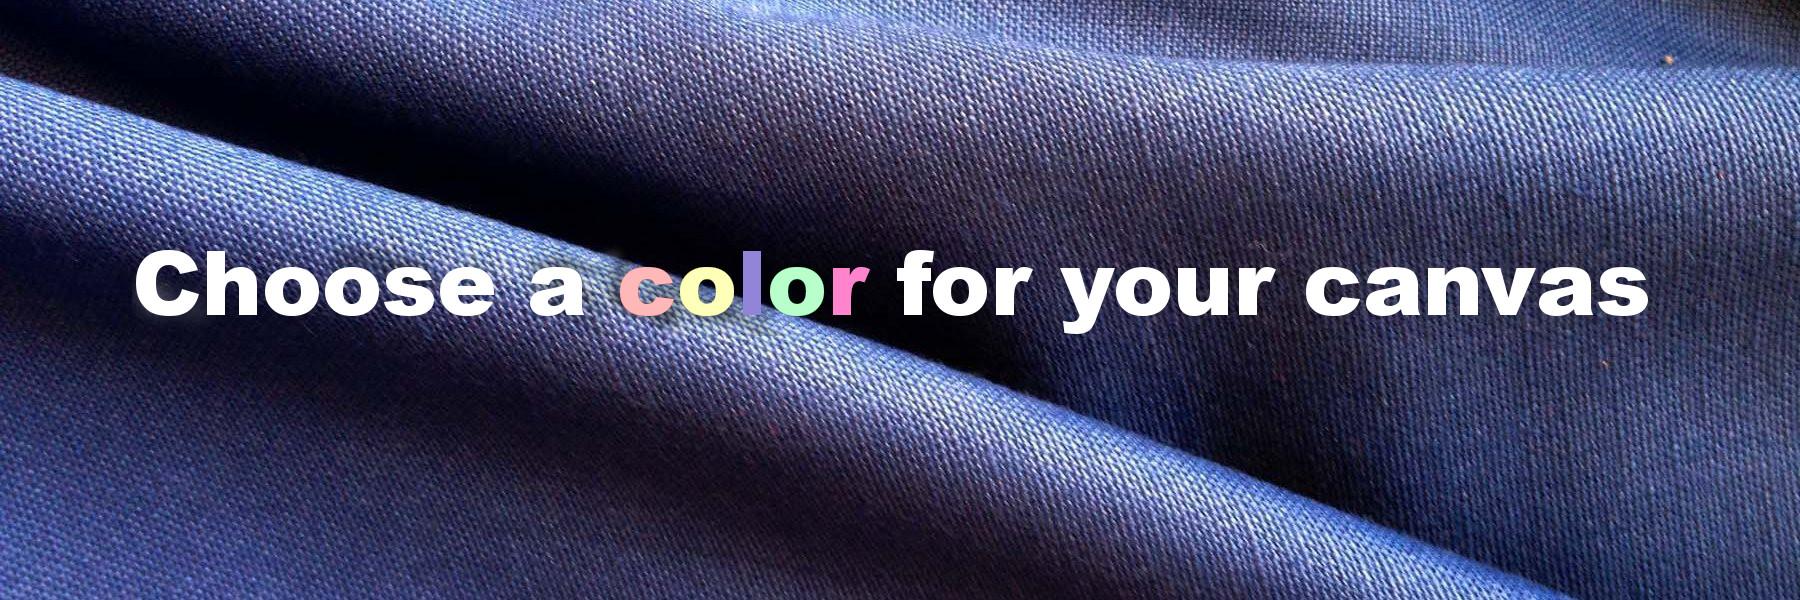 canvas-color.jpg